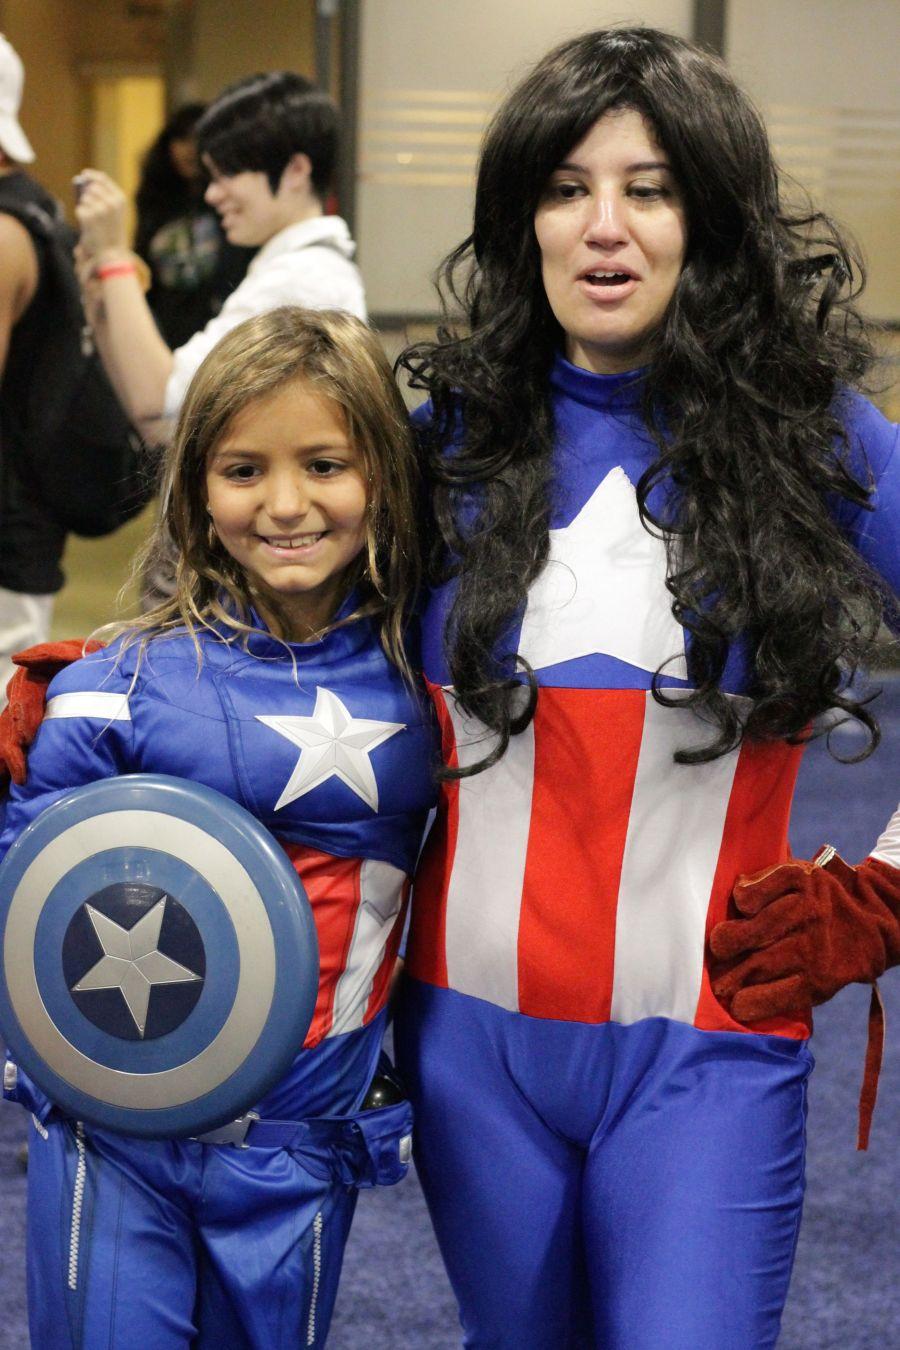 boston comic con august 8 costumes 35